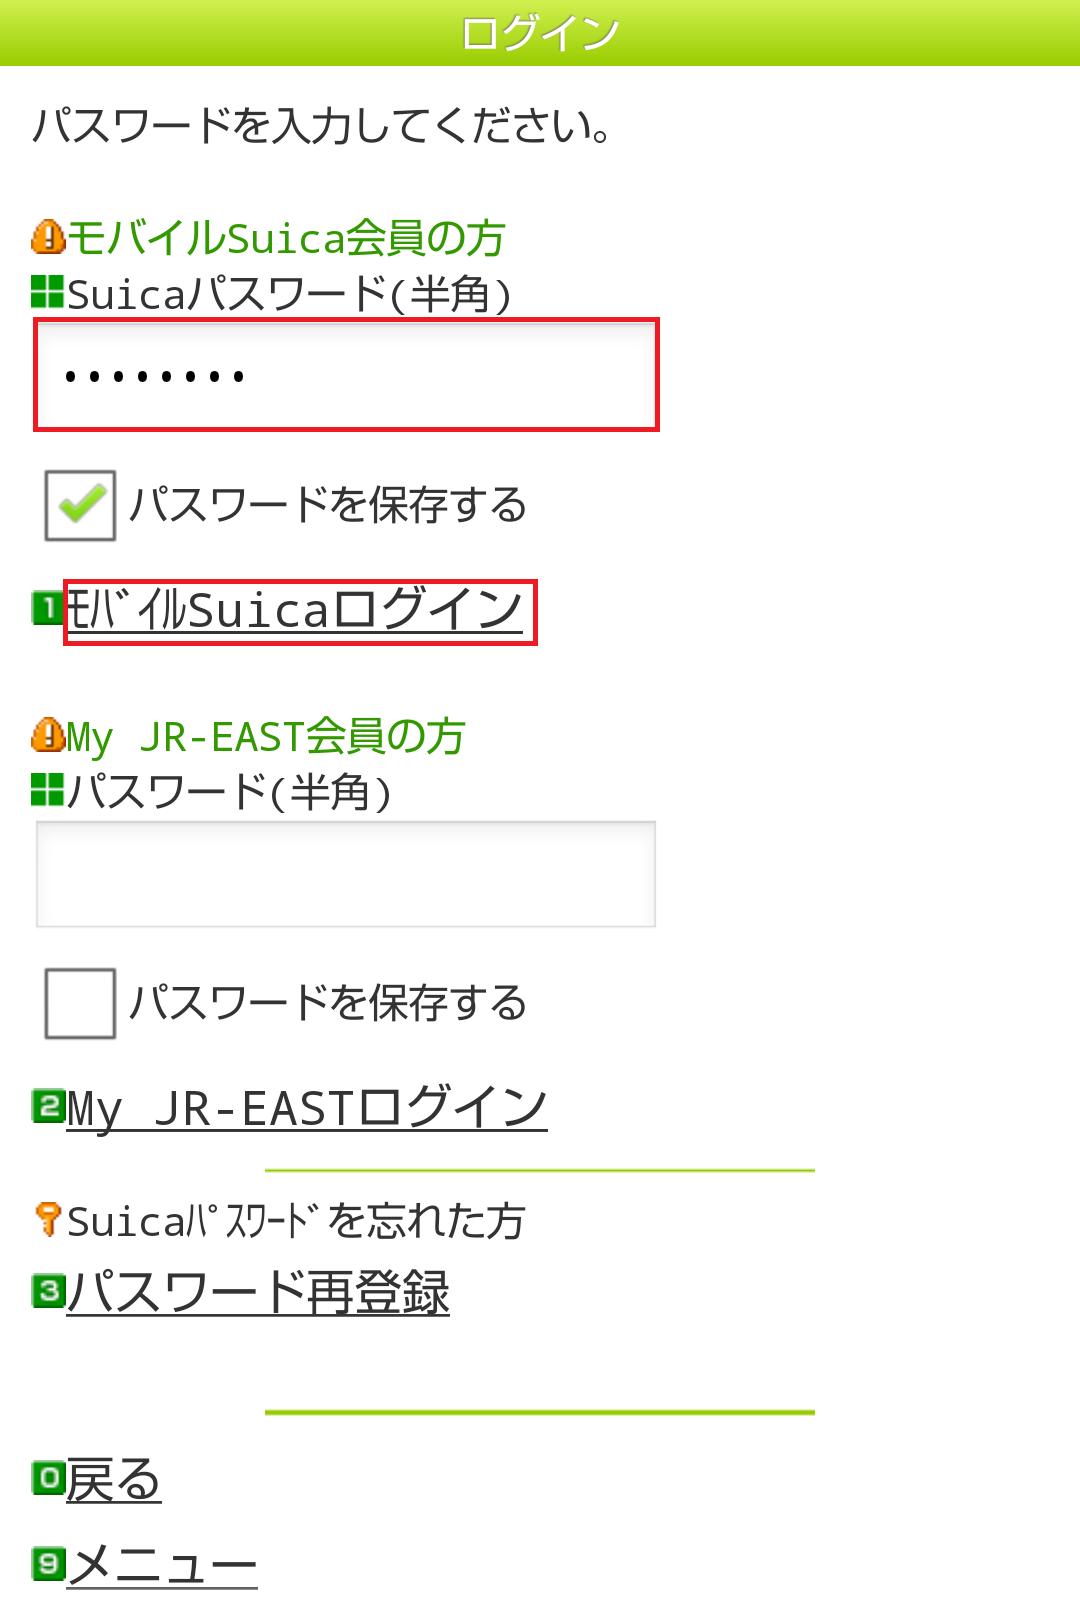 [Suicaパスワード] を入力して [モバイルSuicaログイン] をタップ